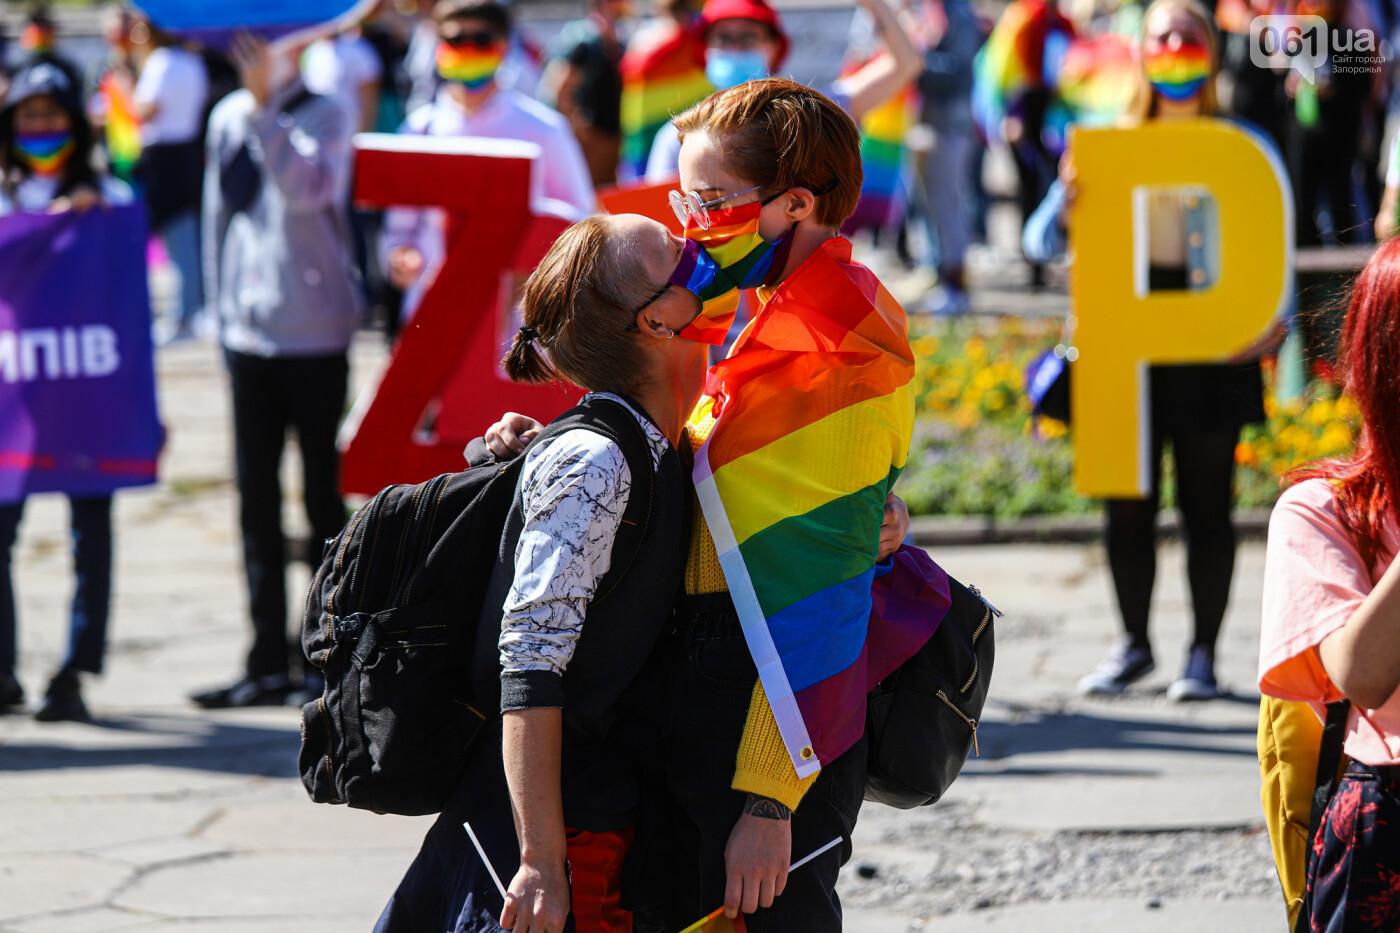 ЛГБТ-прайд, эко-митинг и восстановленные скульптуры в сквере Пионеров: сентябрь в фотографиях , фото-106